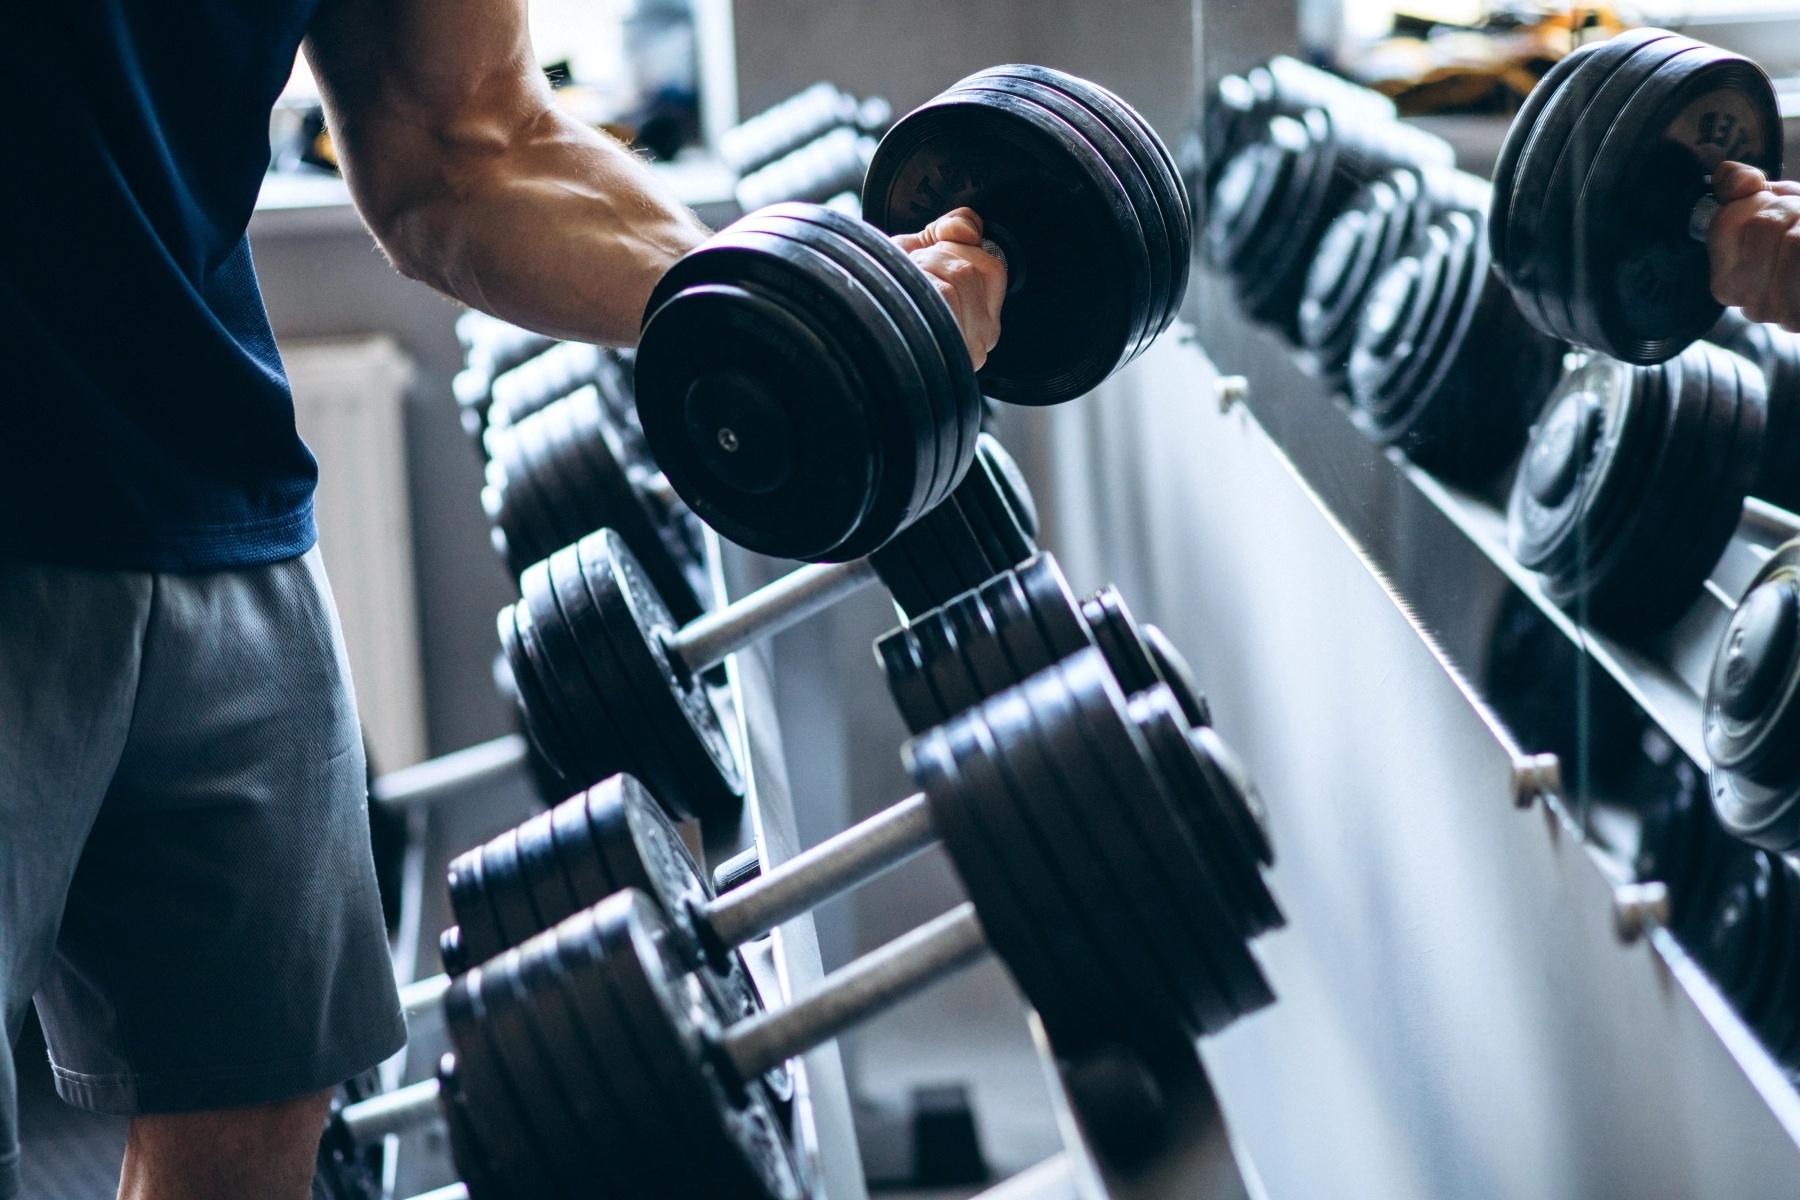 【新北健身房推薦】8間好評三重、永和、中和、蘆洲健身房,收費、器材與環境大評比